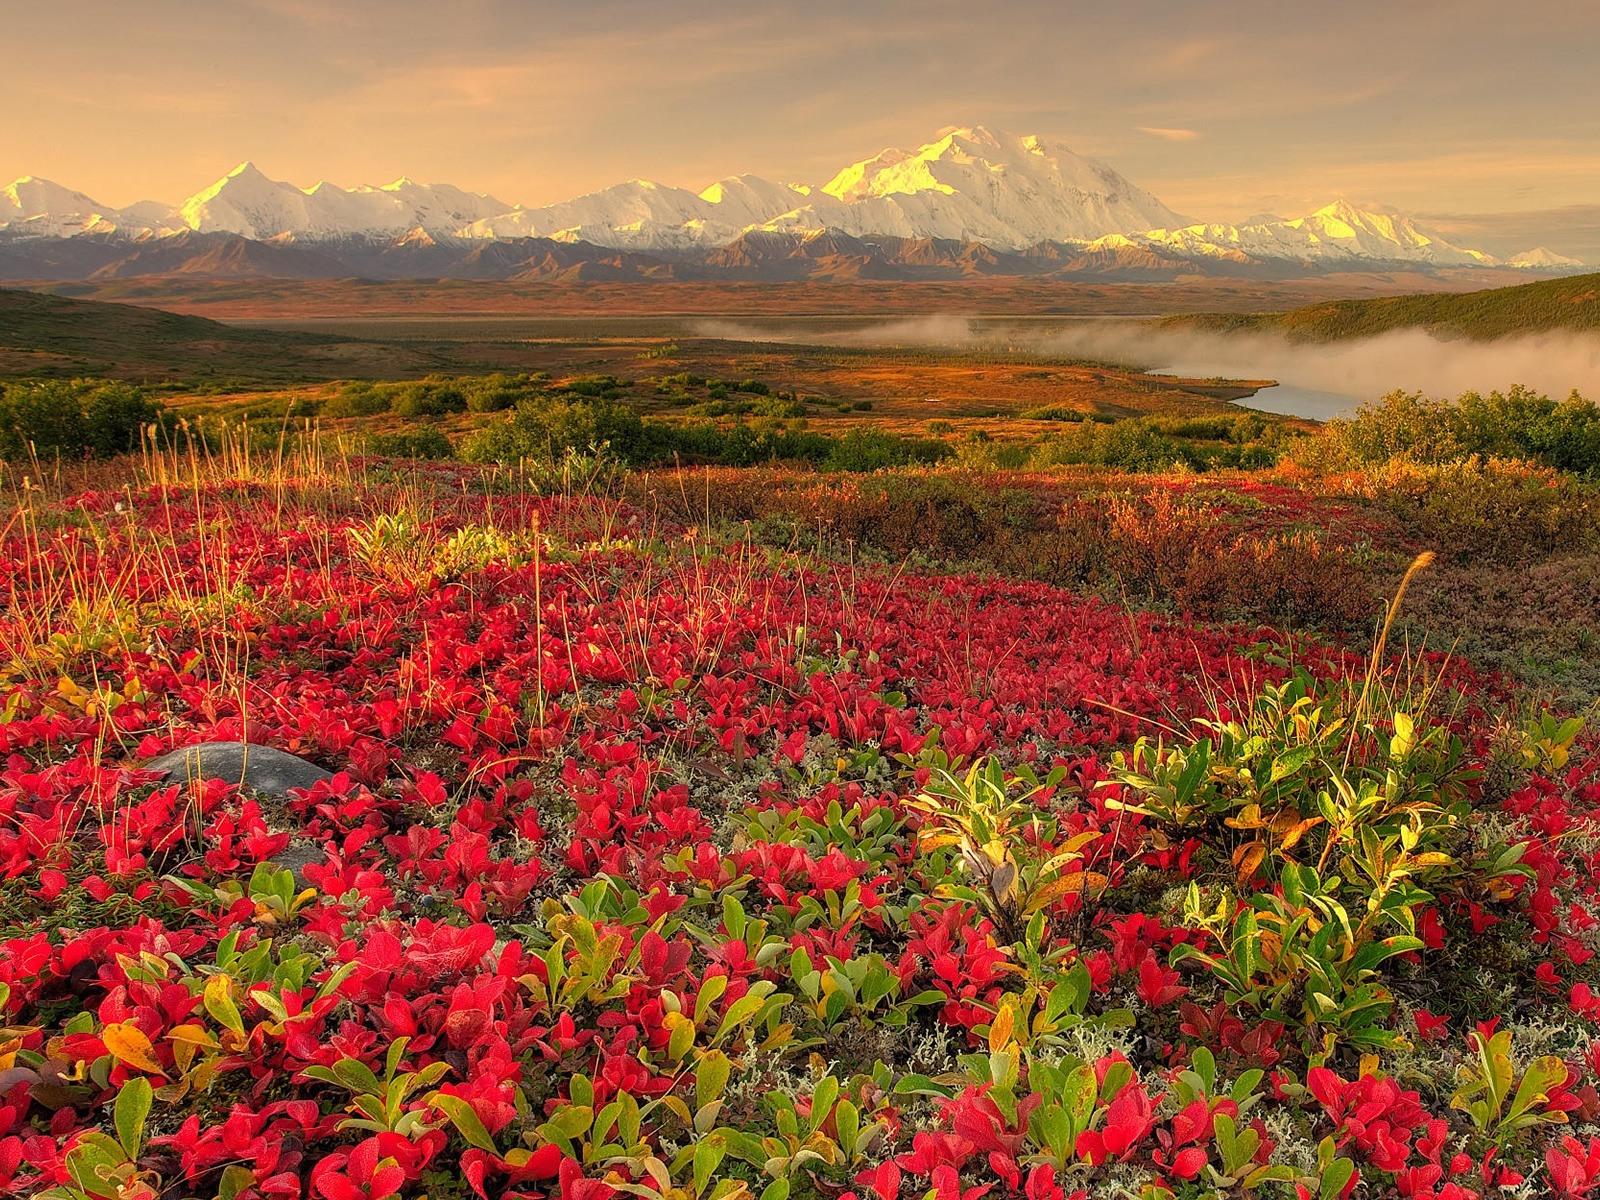 Spring Landscape desktop wallpaper 1600x1200